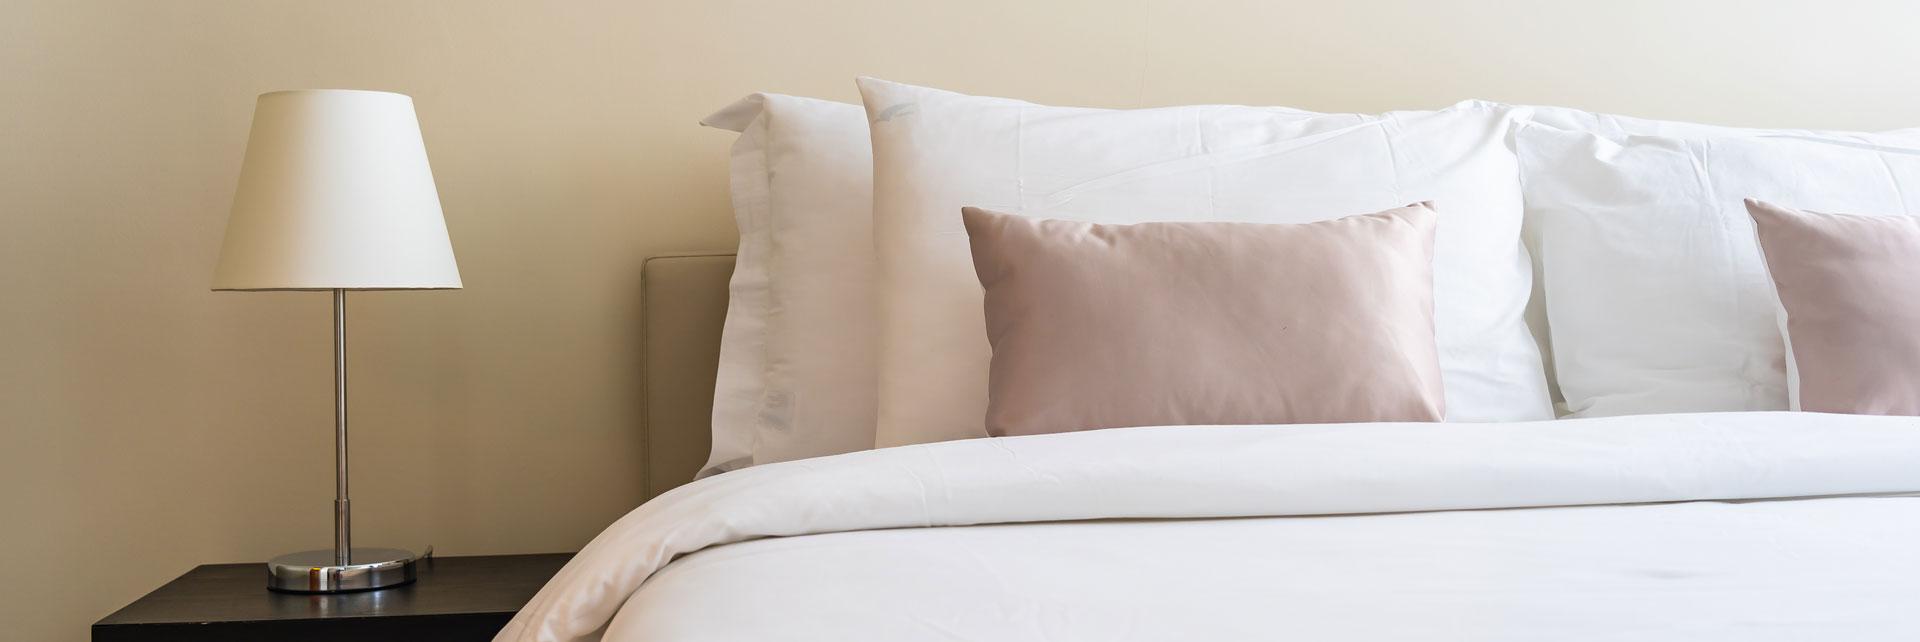 Uzglavlje kreveta sa 2 jastuka